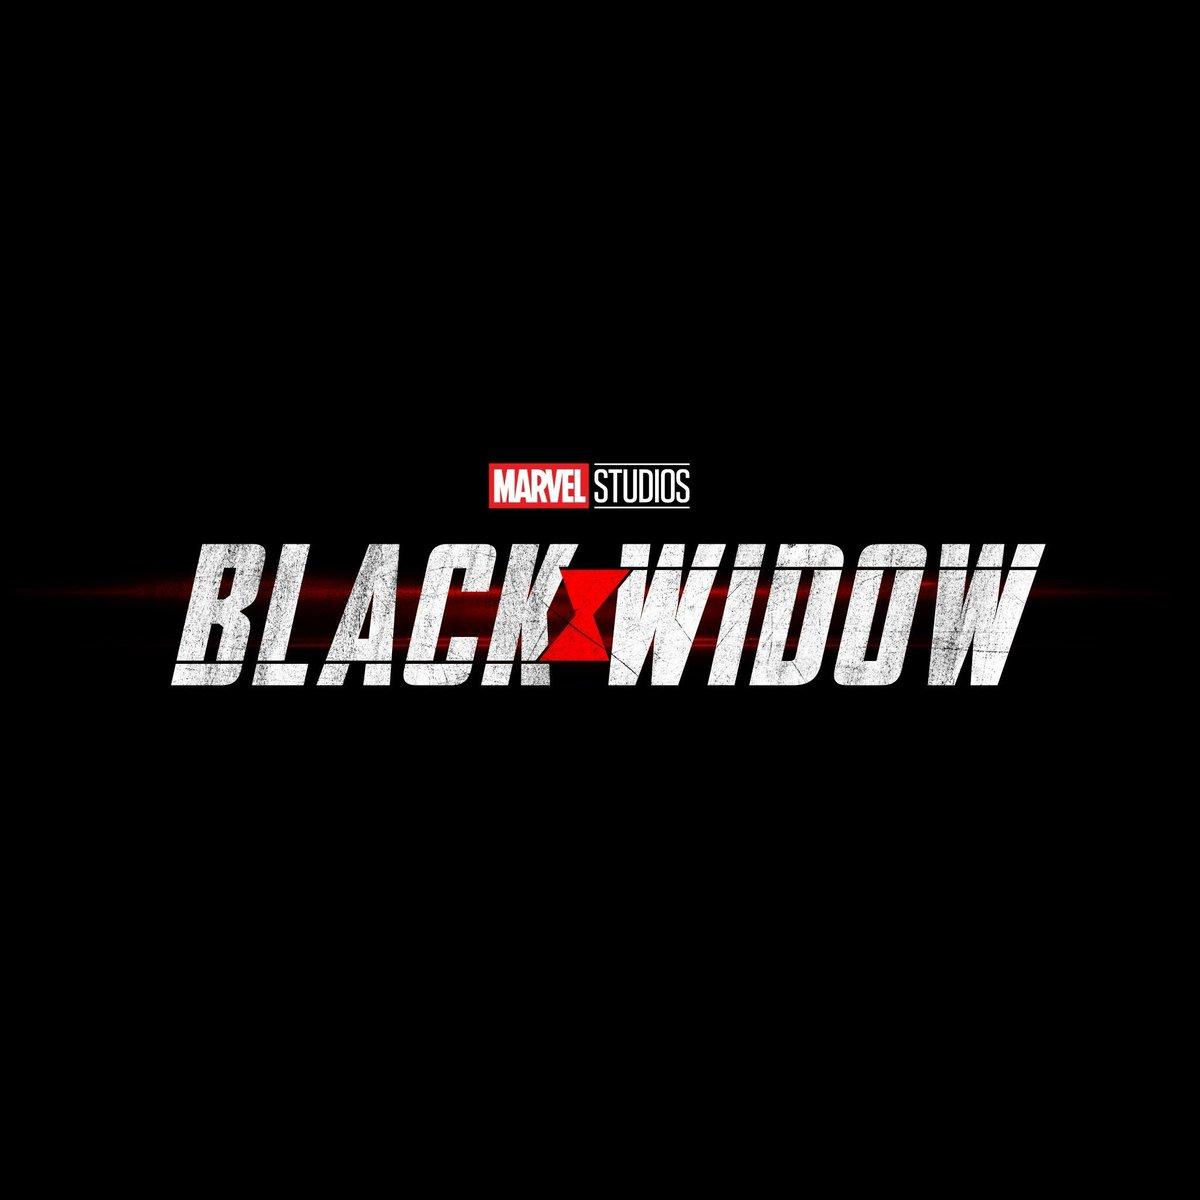 コミコンで発表されたMCUフェイズ4の情報まとめ:ブラック・ウィドウ単独映画やロキのドラマシリーズなど https://jp.ign.com/mcu/37229/news/mcu424…